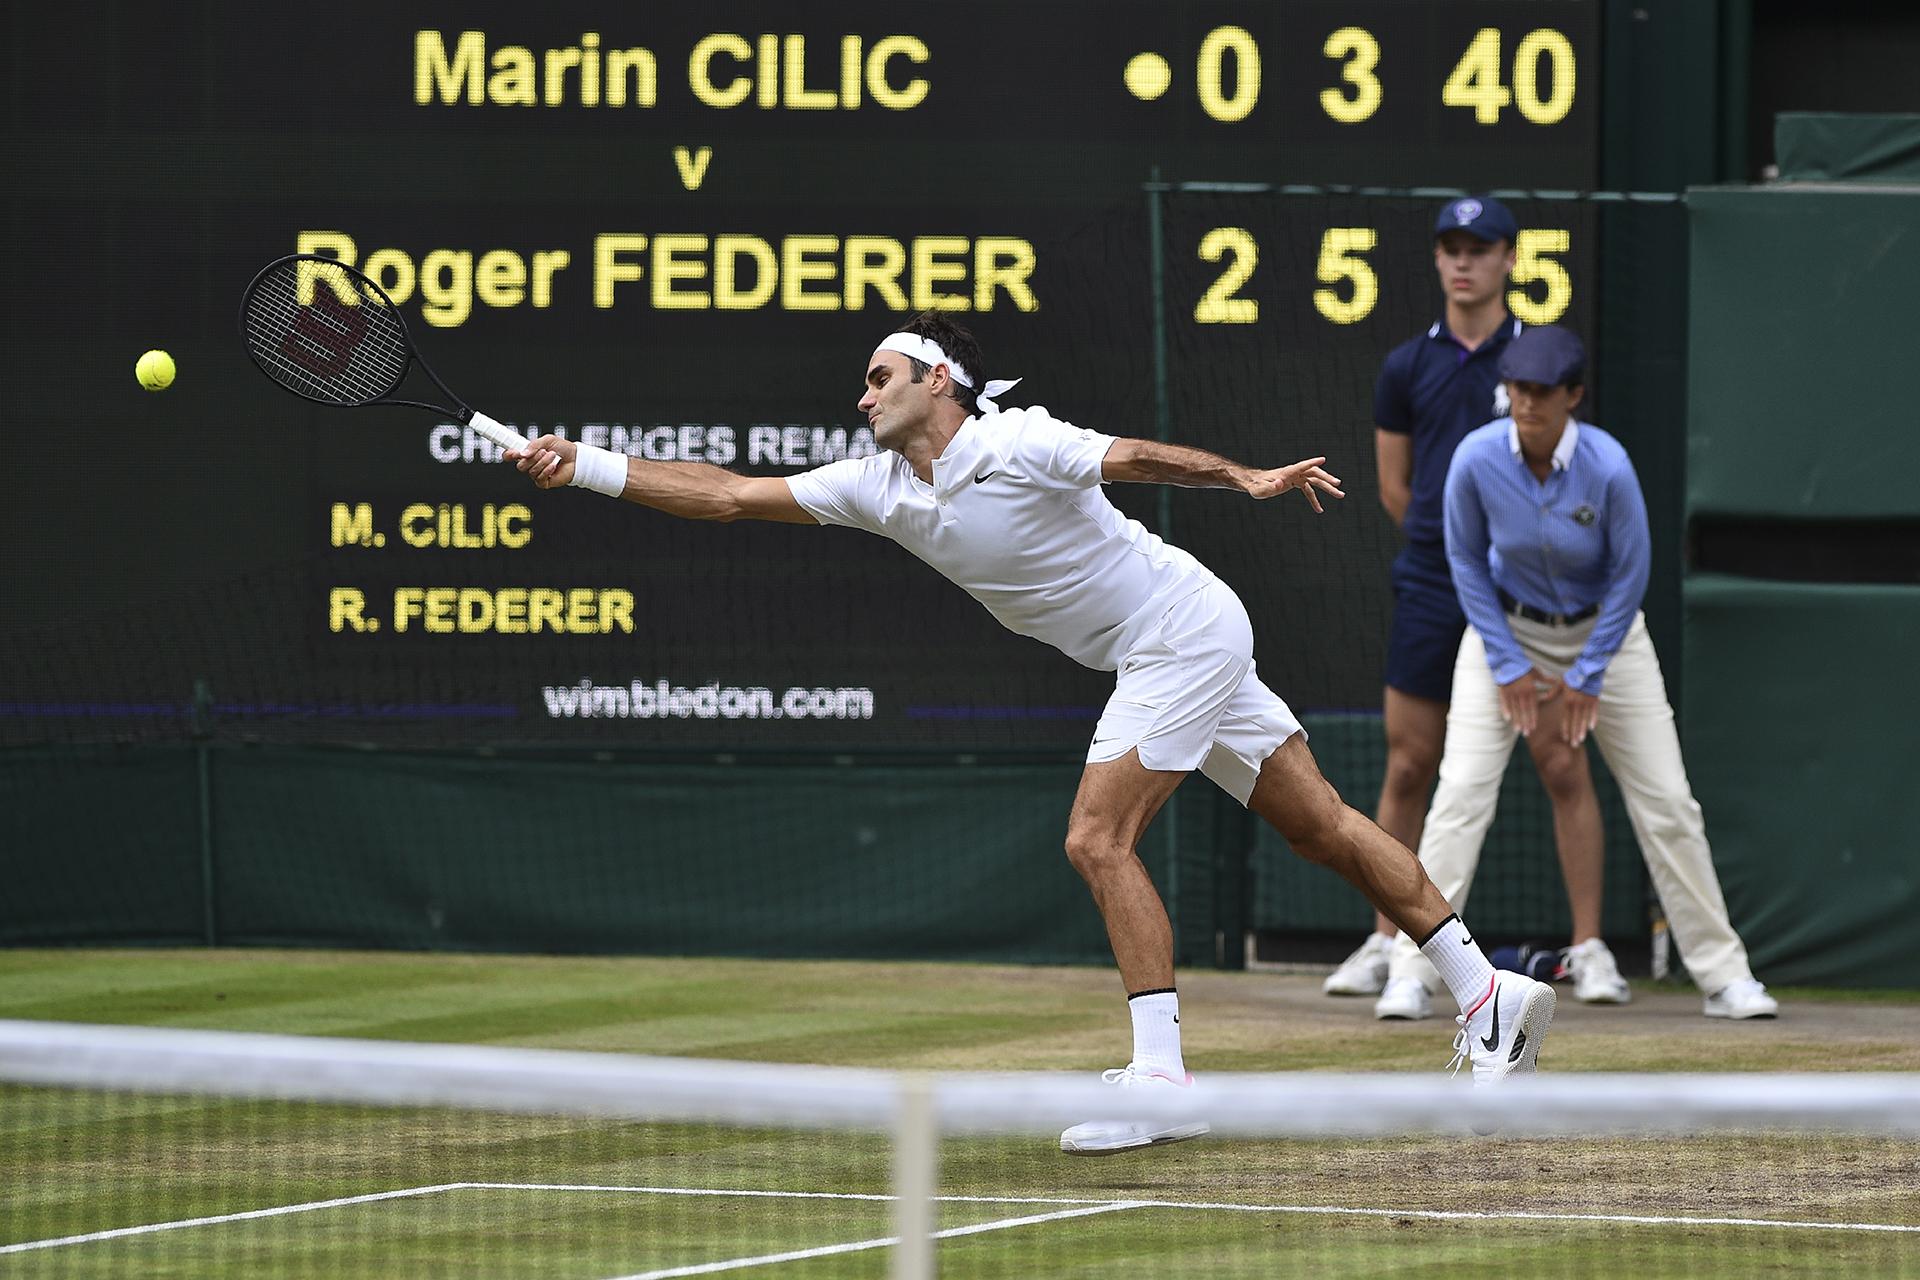 La elegancia de Roger a pesar del esfuerzo por devolver la pelota